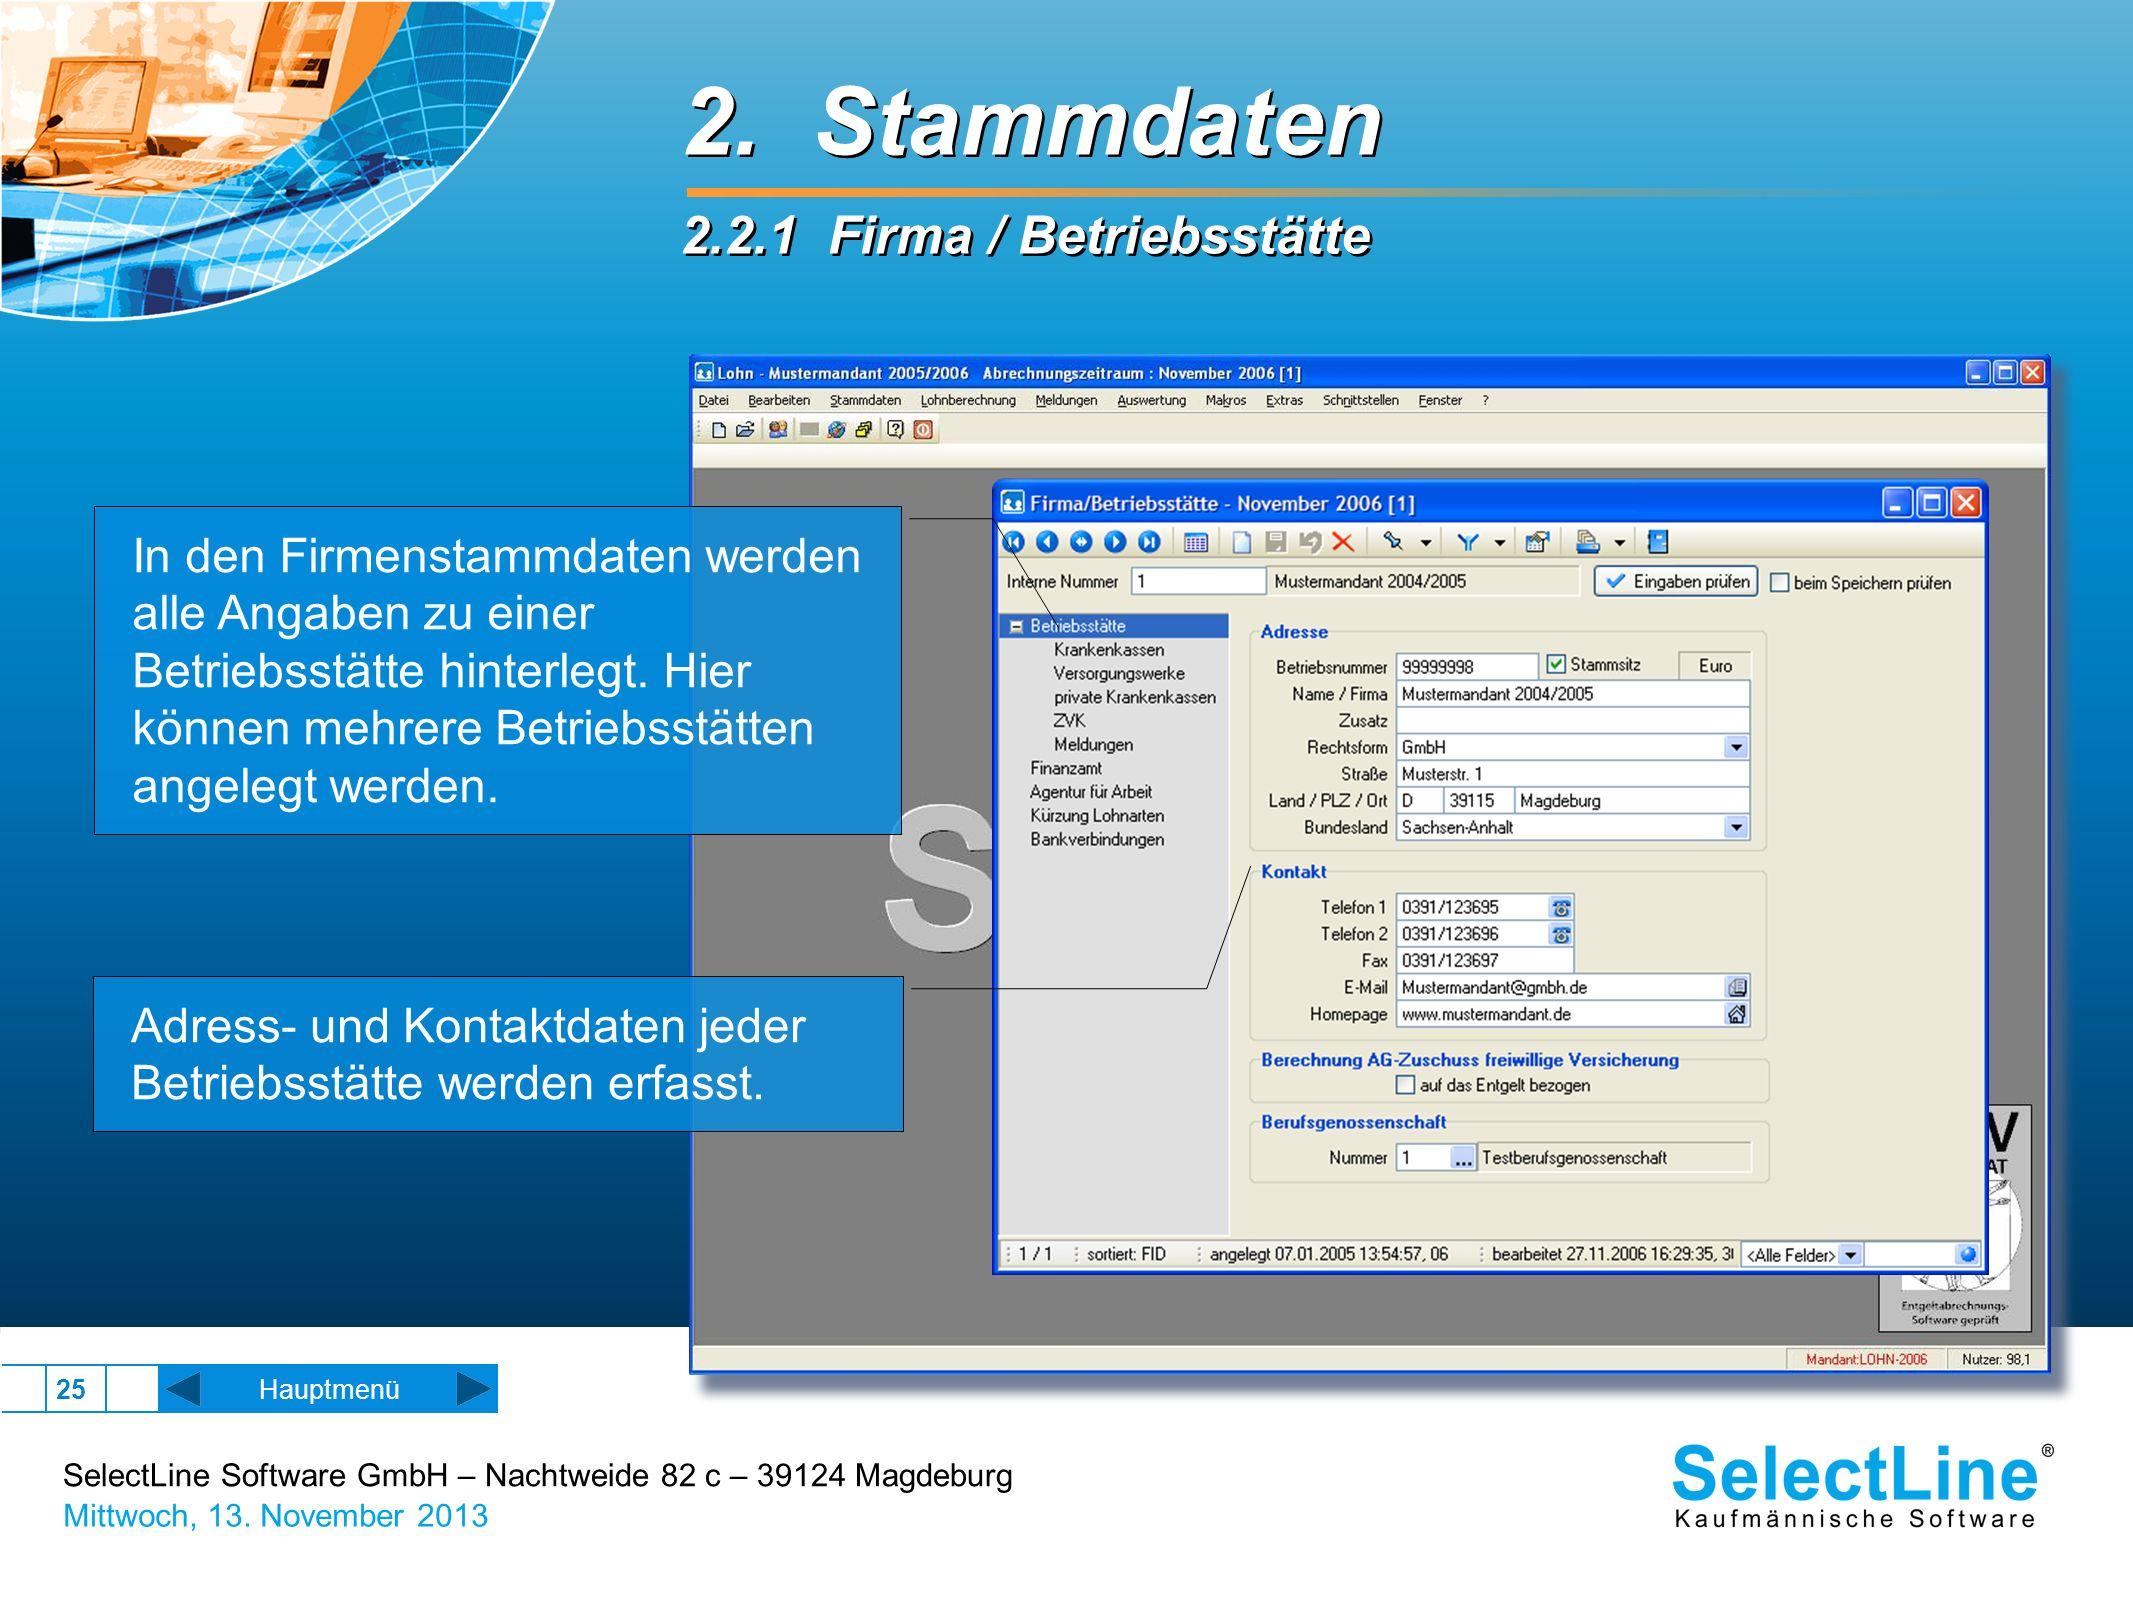 2. Stammdaten 2.2.1 Firma / Betriebsstätte